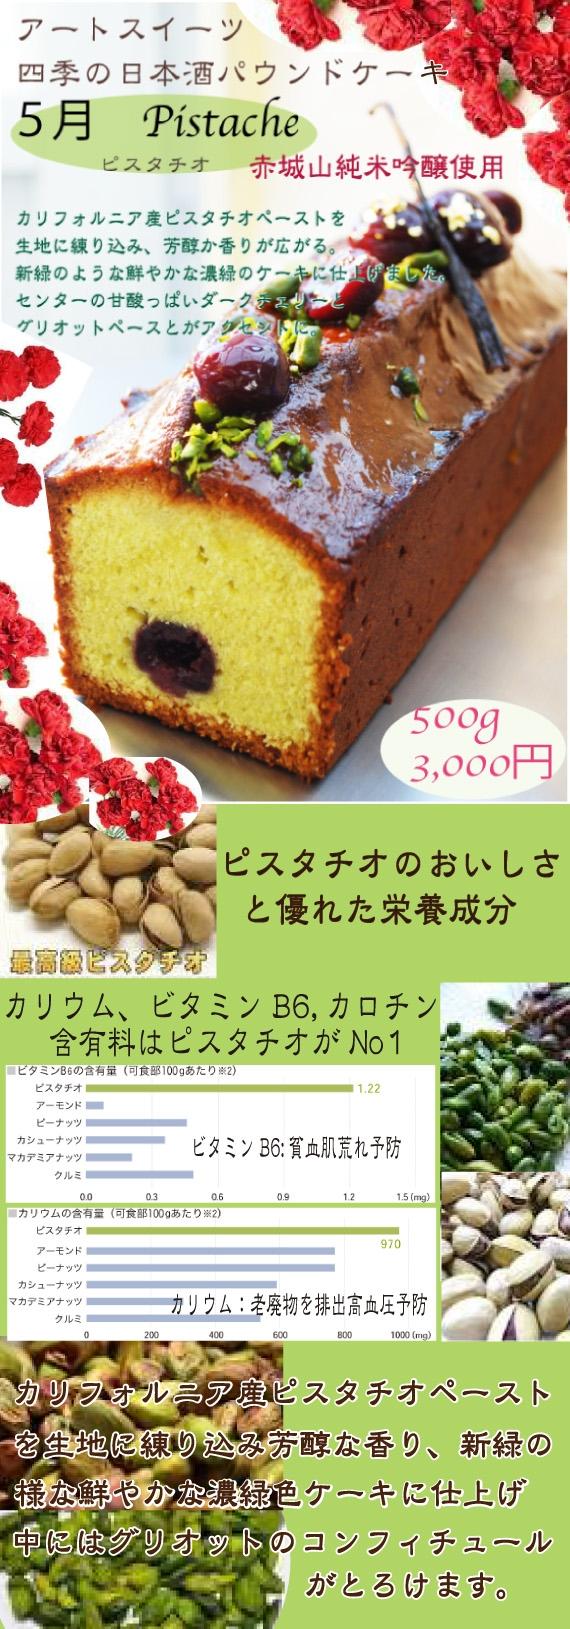 【季節限定!】熟成日本酒パウンドケーキ 「濃いコクと鮮か緑のピスタチオ Mサイズ」10切分【お中元で大切な方へ】